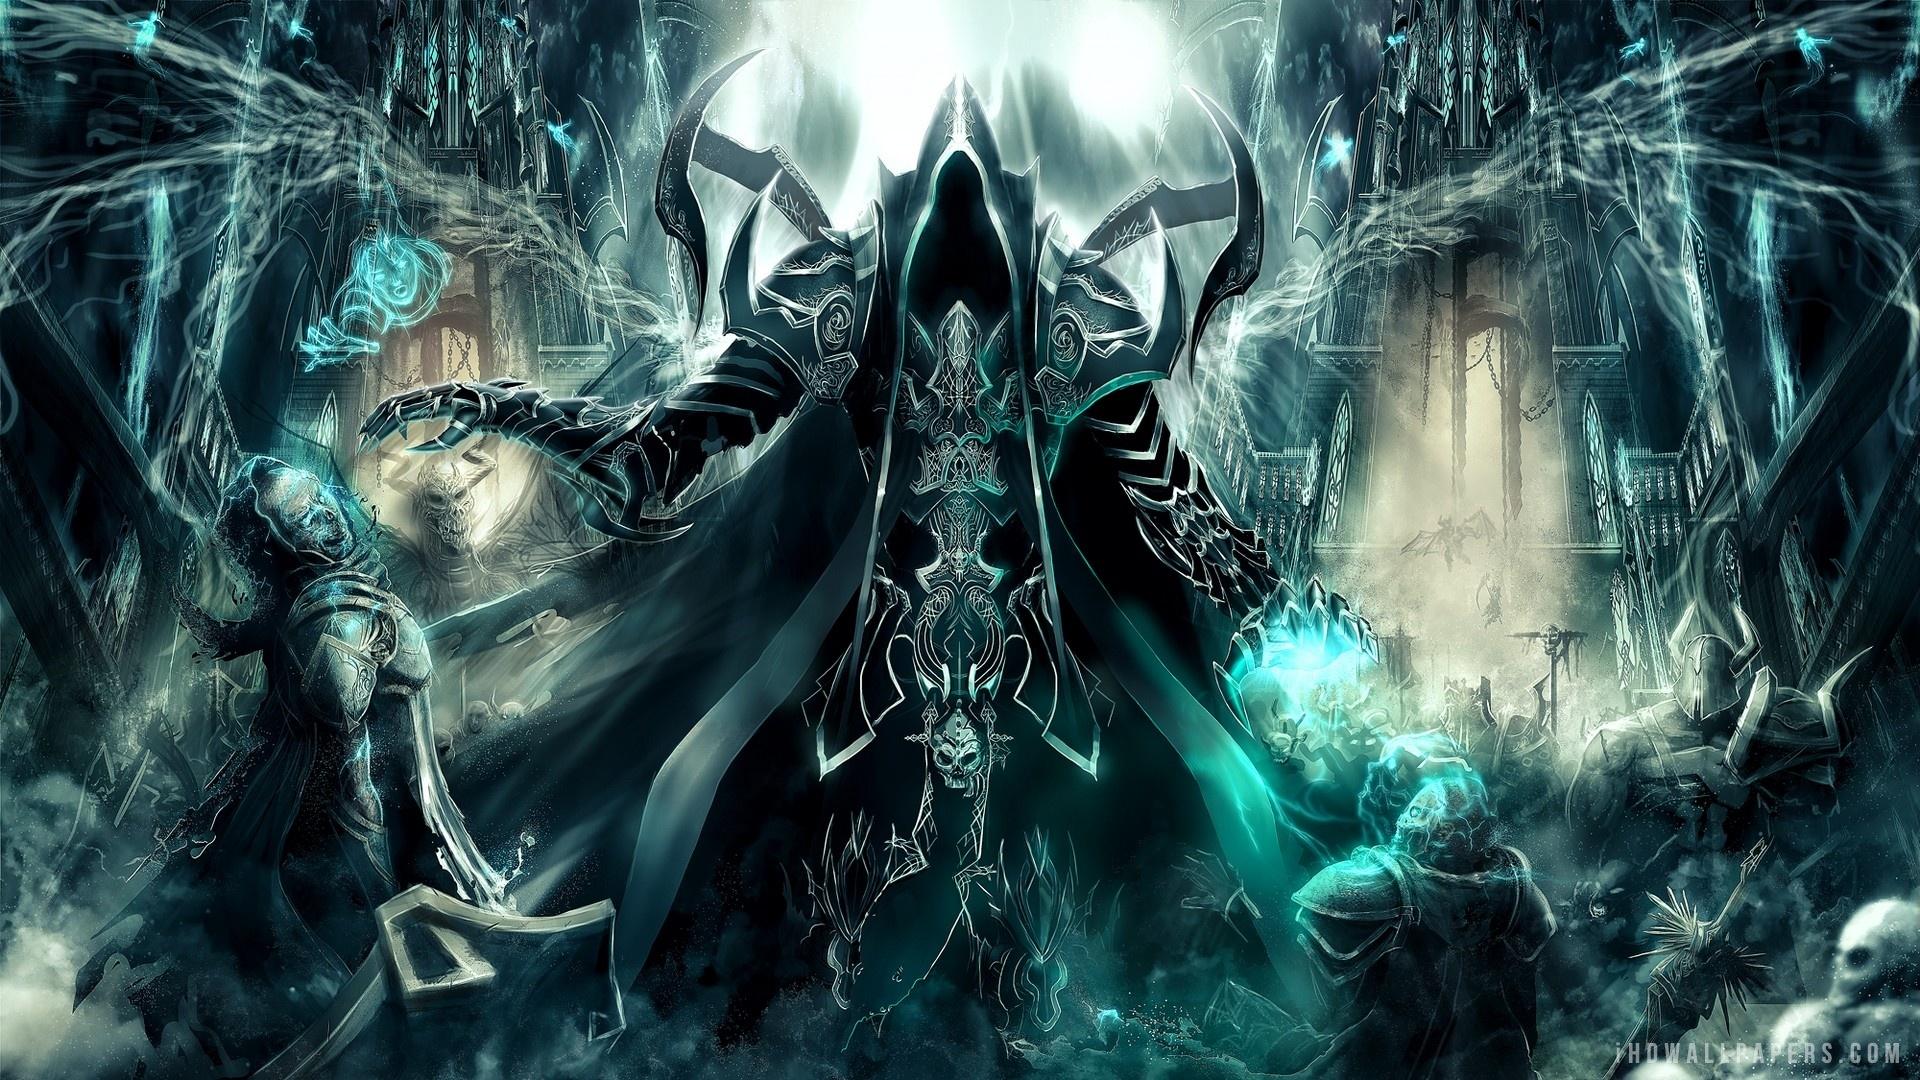 Diablo III Reaper Of Souls Malthael HD Wallpaper IHD Wallpapers 1920x1080